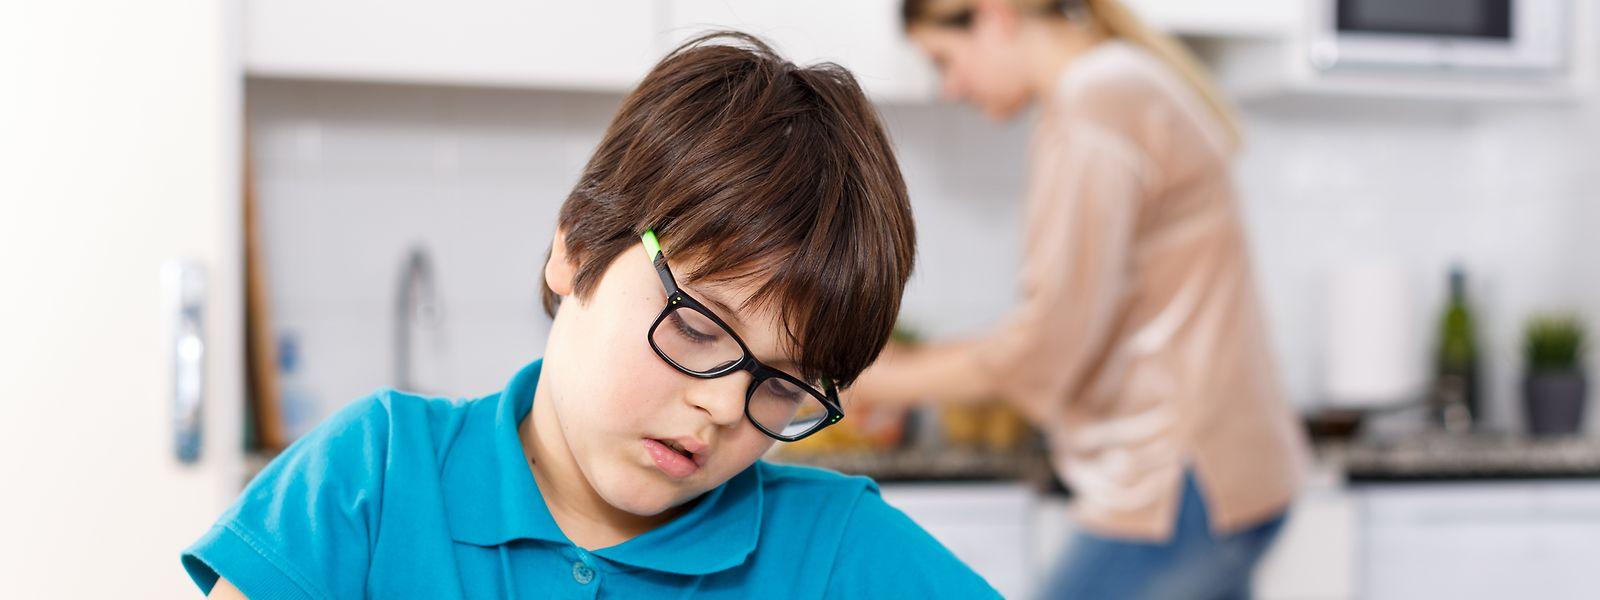 Kinder und Jugendliche müssen noch länger von zu Hause aus lernen. Ihre Eltern sollen sie zumindest bis zu den Osterferien betreuen können.